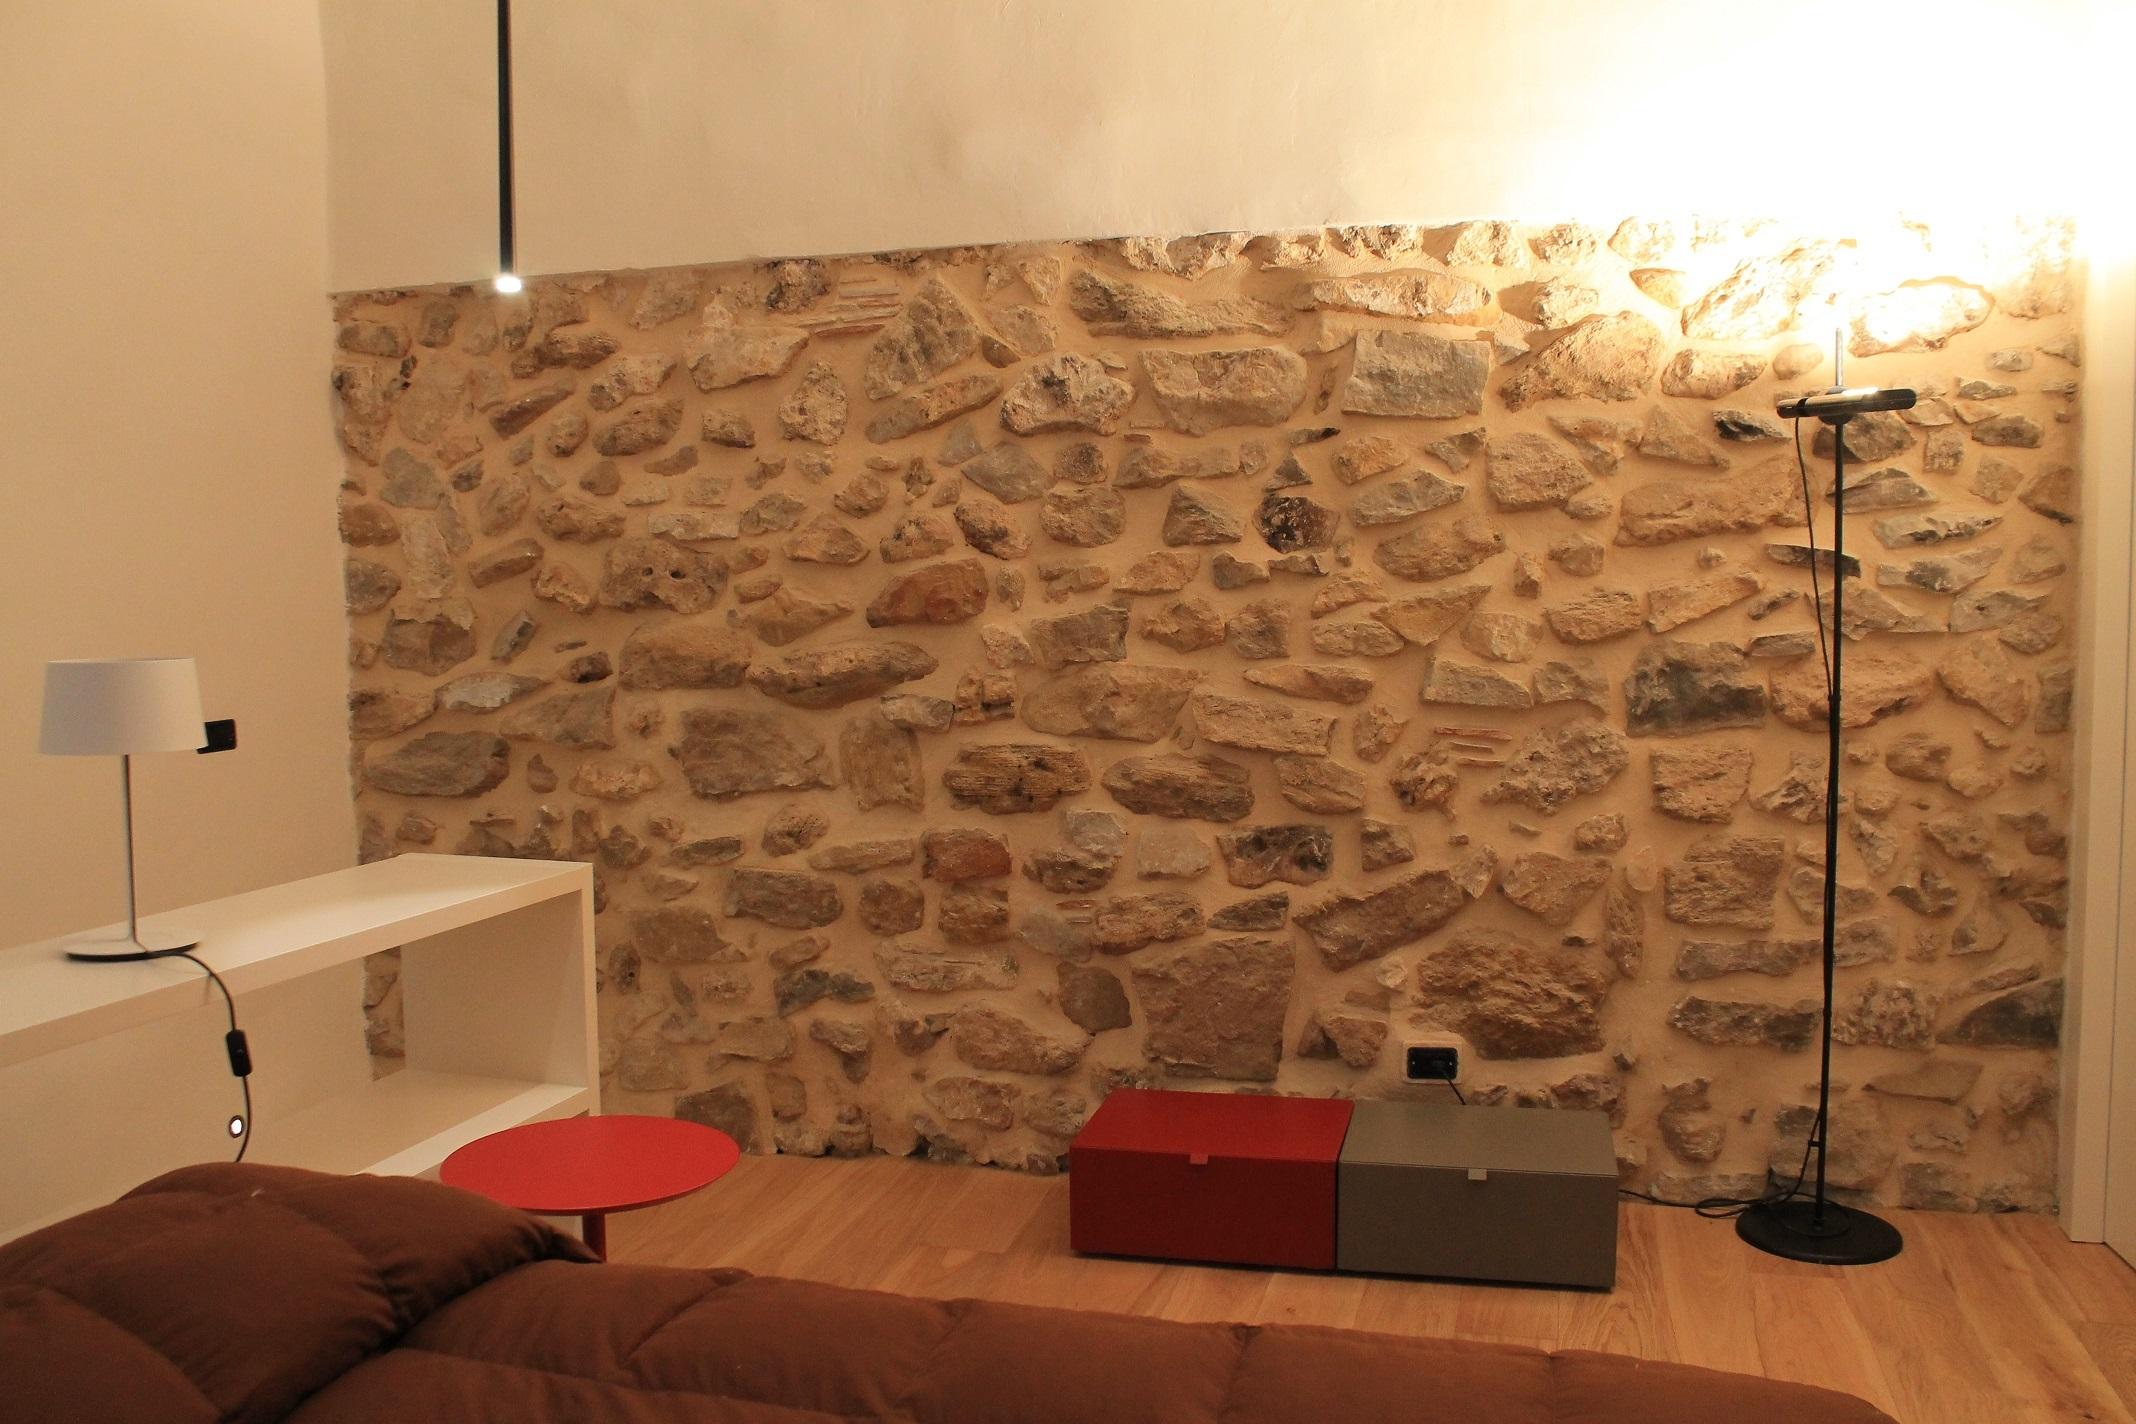 Camere da letto antiche prezzi idee per la casa - Camere da letto a poco prezzo ...